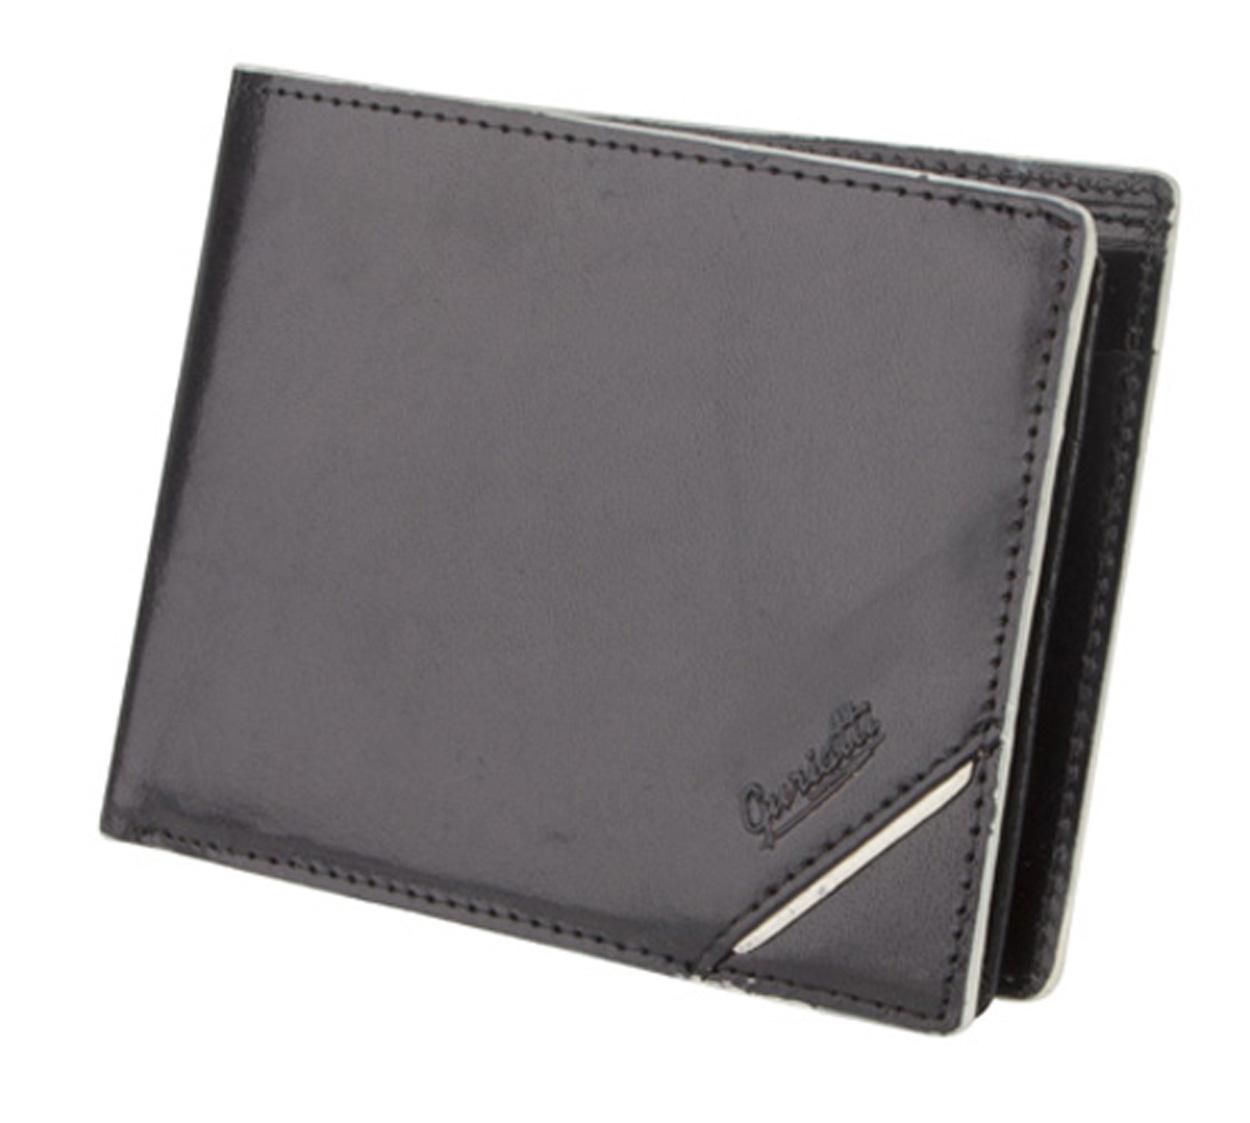 Insolito men's wallet